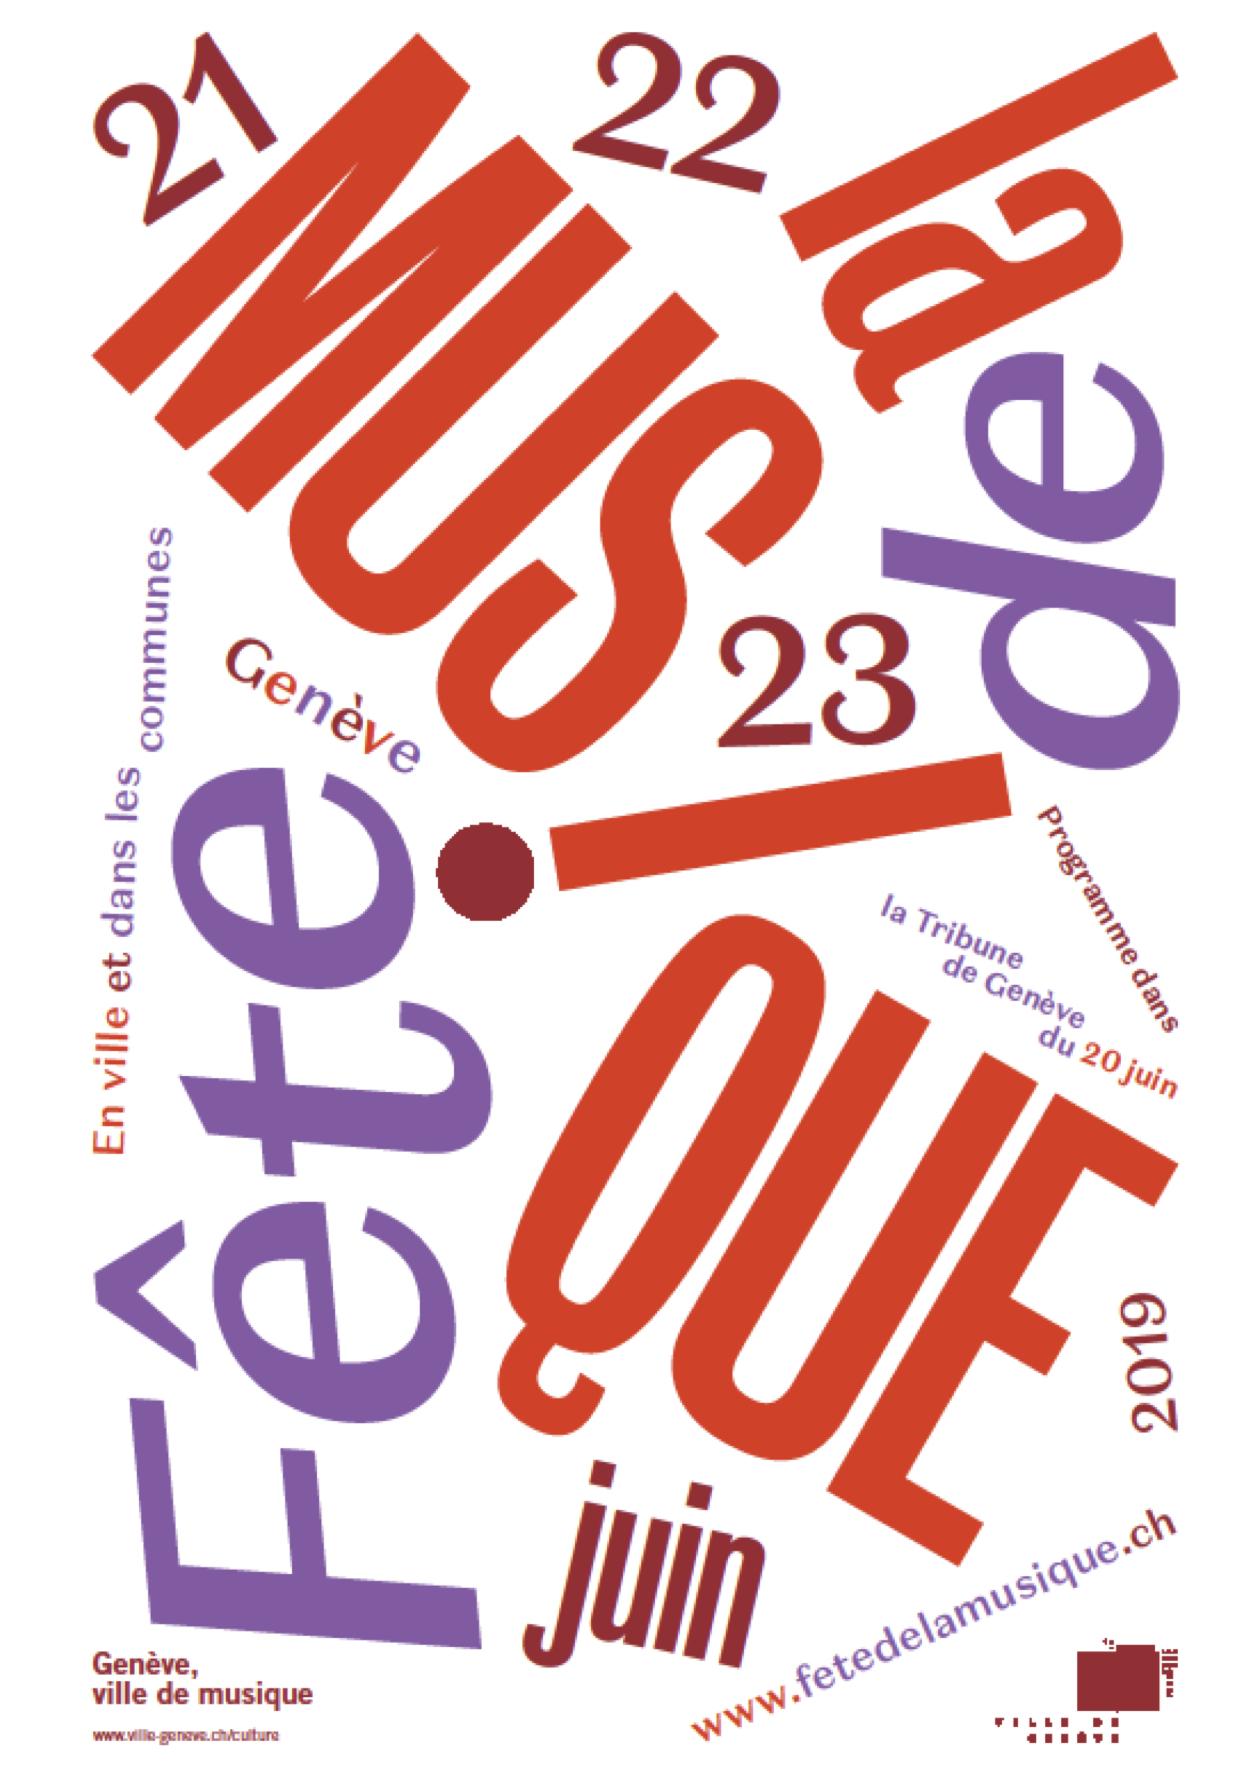 Fête de la Musique 2019: déambulation & concert